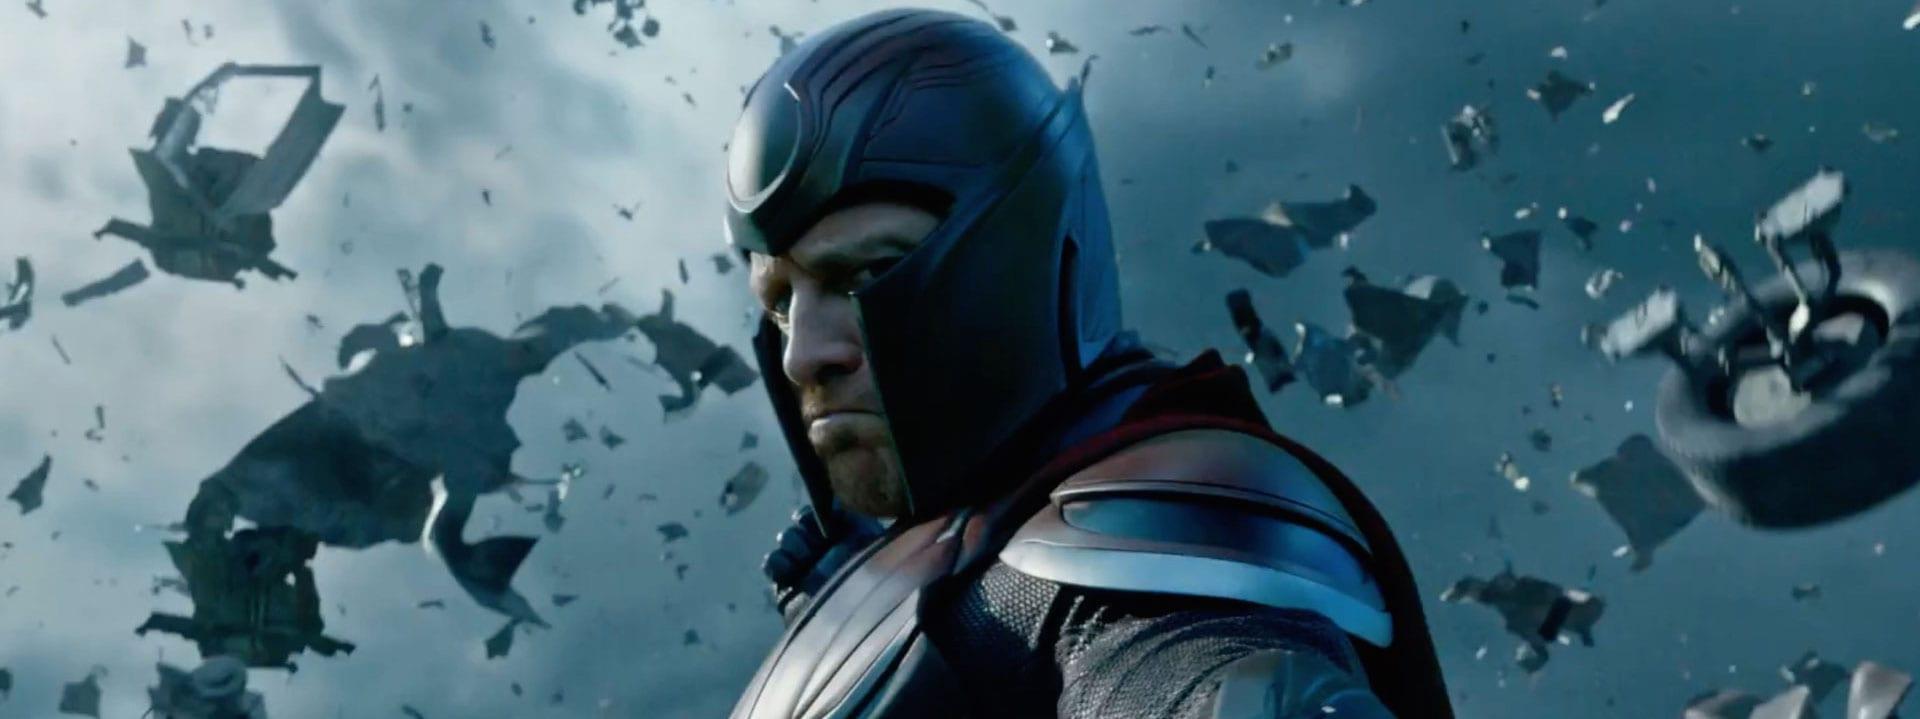 X-Men Apocalypse Review My Geek Actu 6